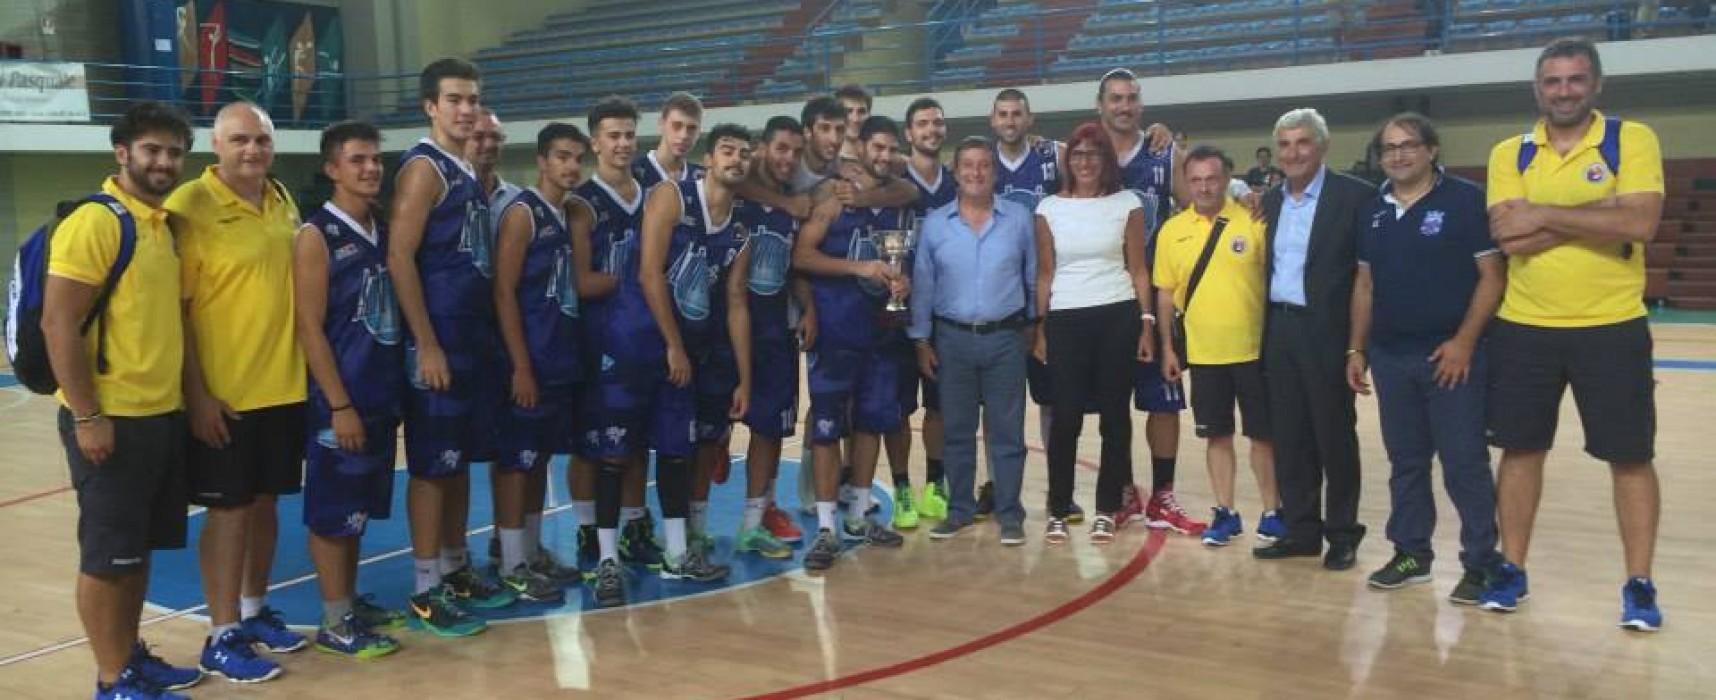 L'Ambrosia basket Bisceglie vince senza problemi il trofeo Vito Pinto